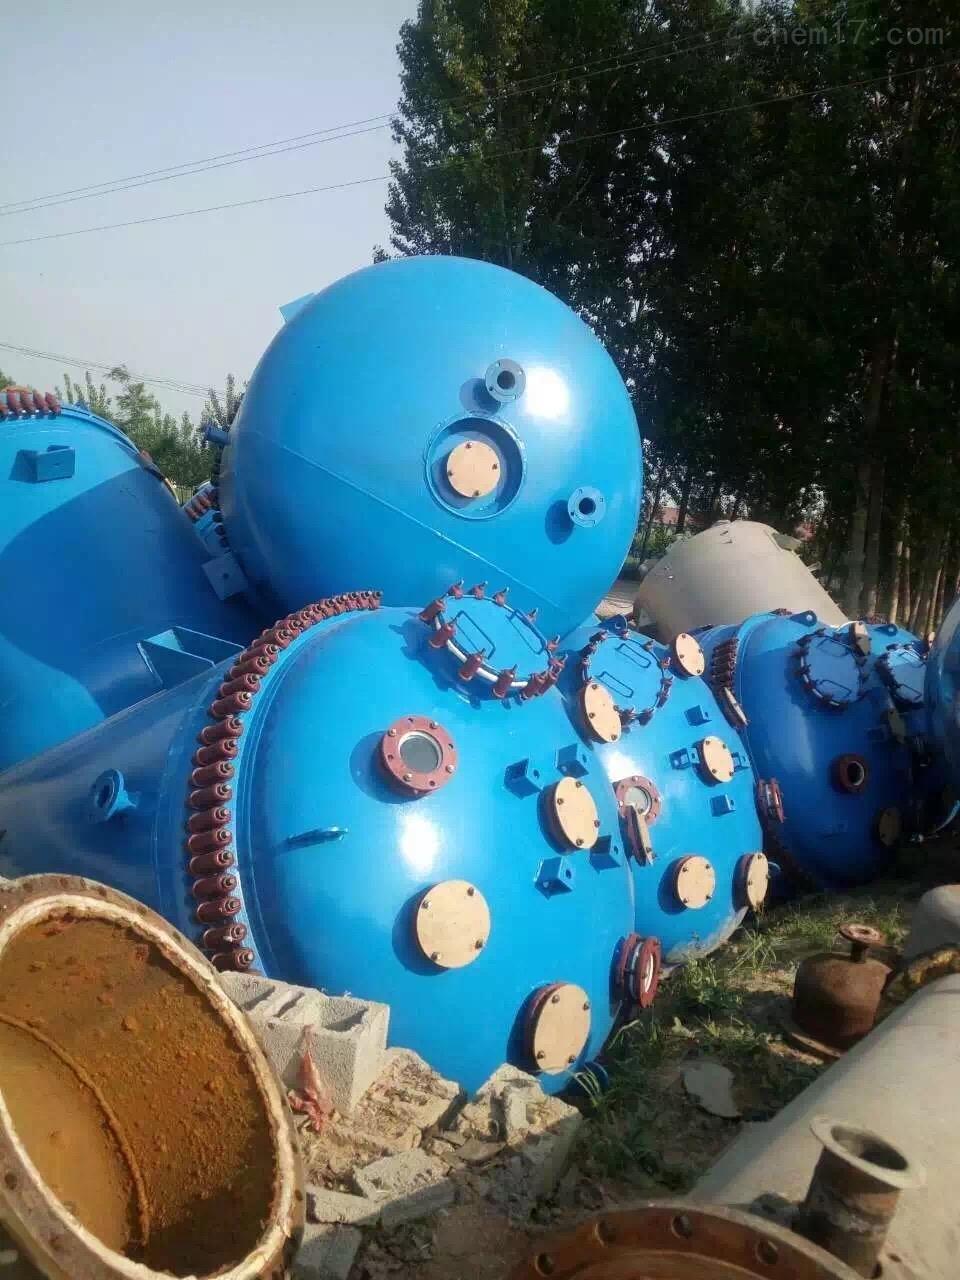 二手15吨搪瓷反应釜回收二手15吨搪瓷反应釜金玉满堂